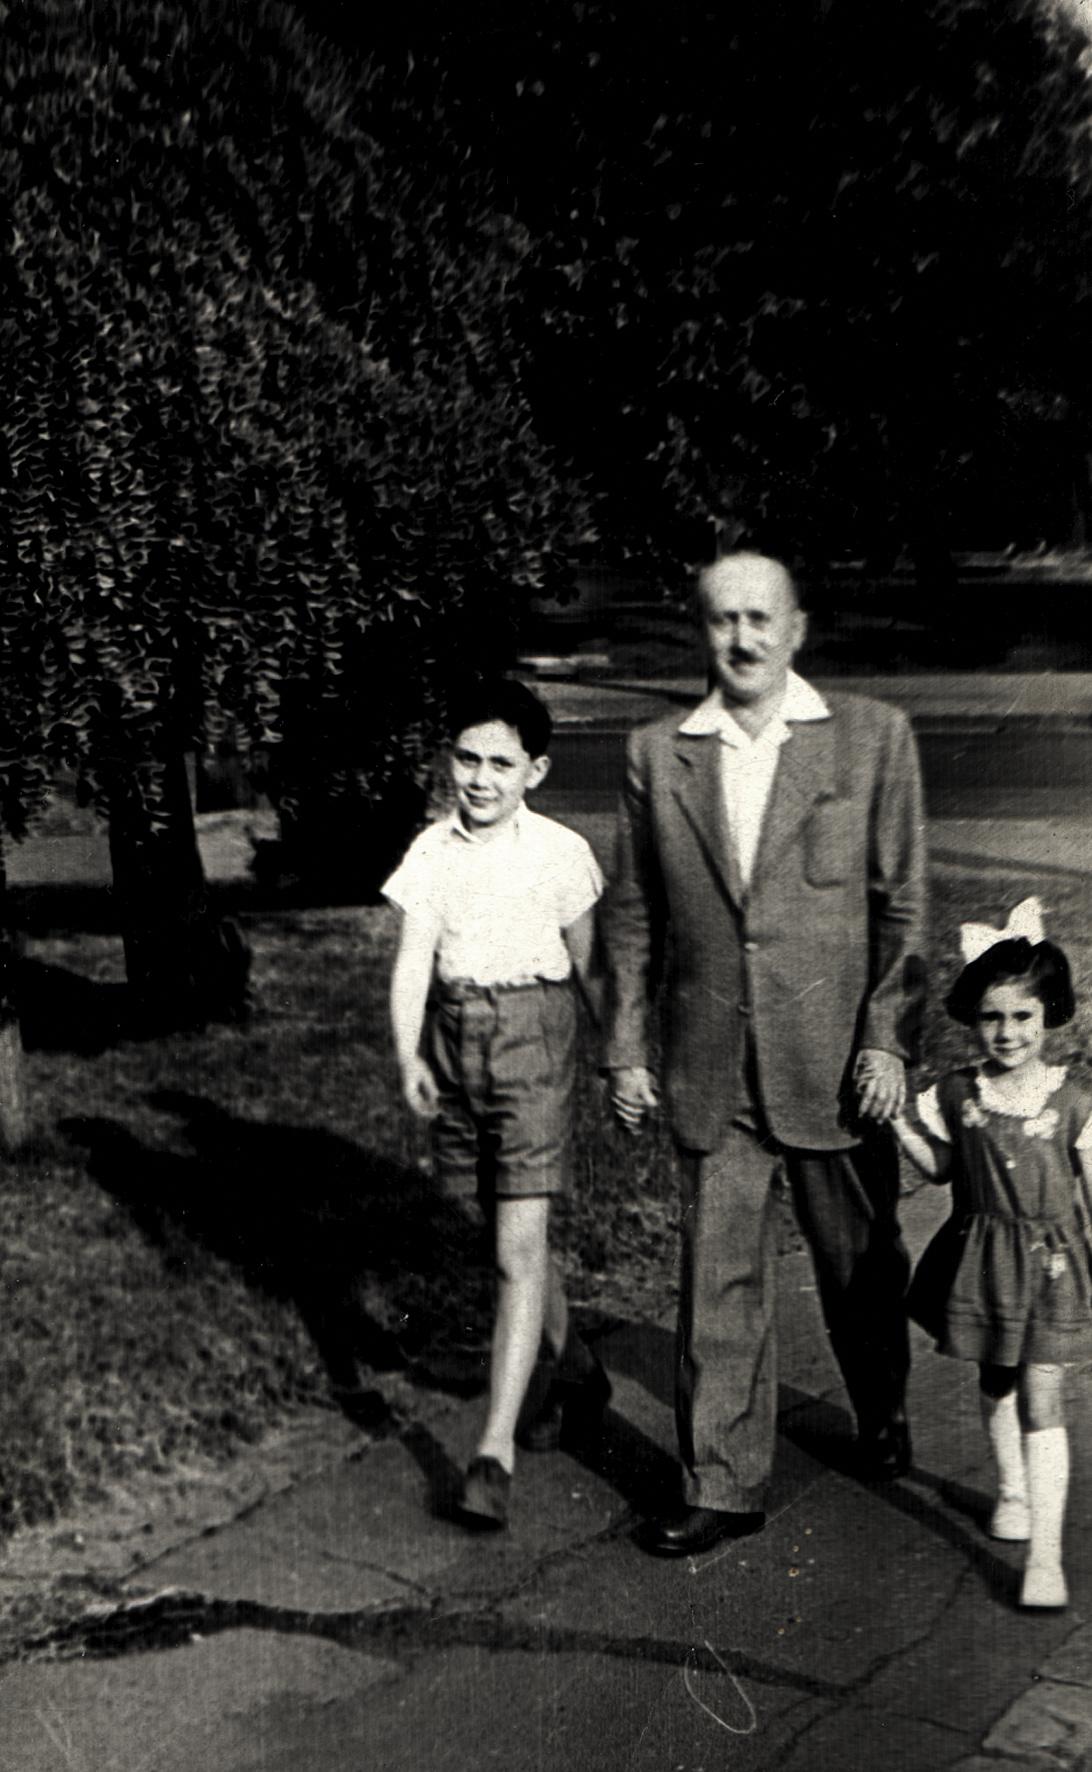 Pista Preisz with his children